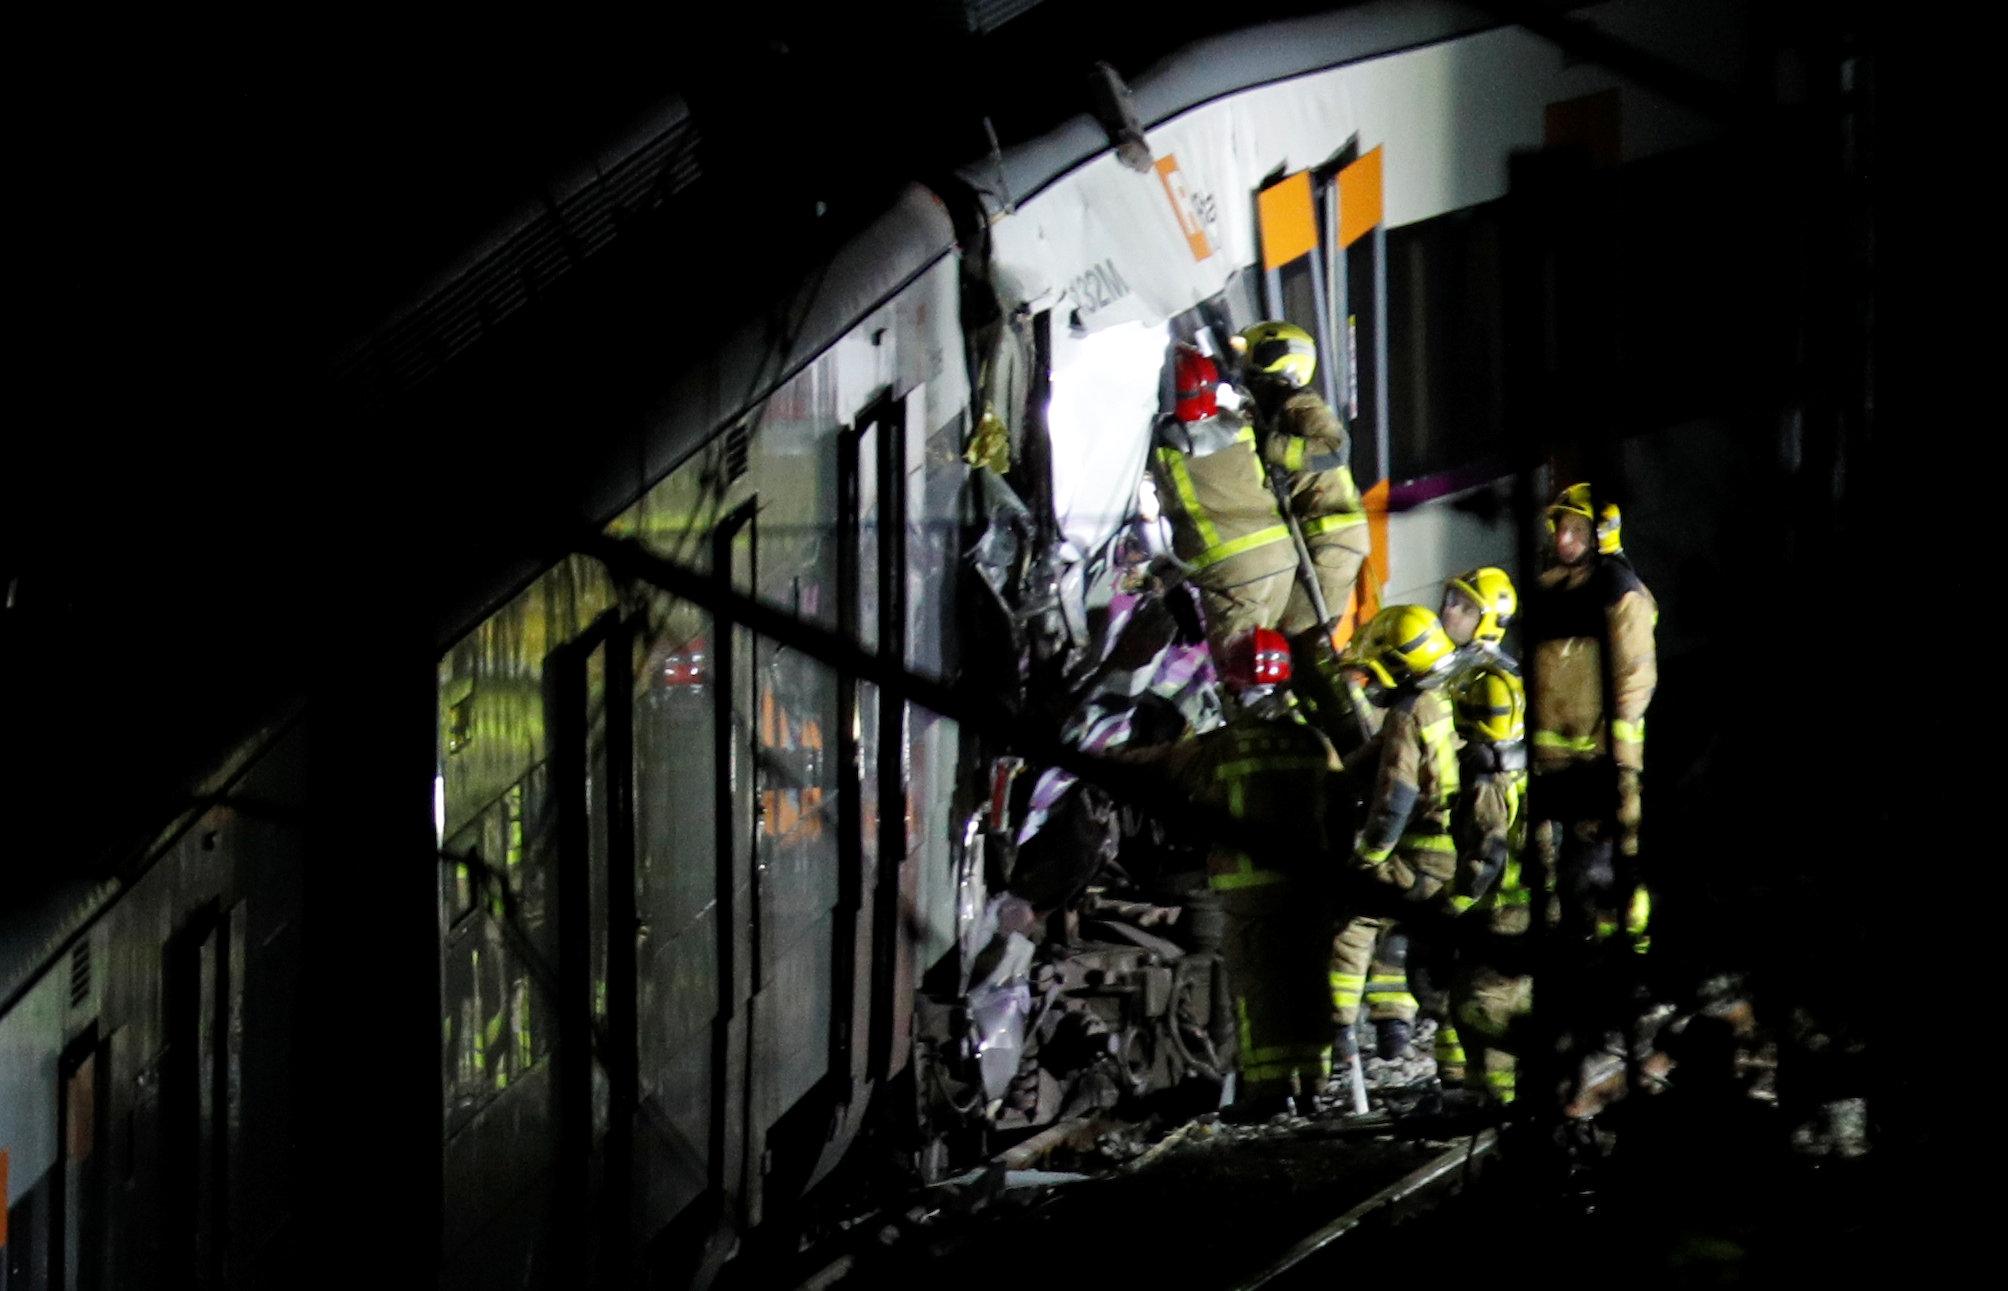 306813-حادث-تصادم-قطارين-بإسبانيا-(5)